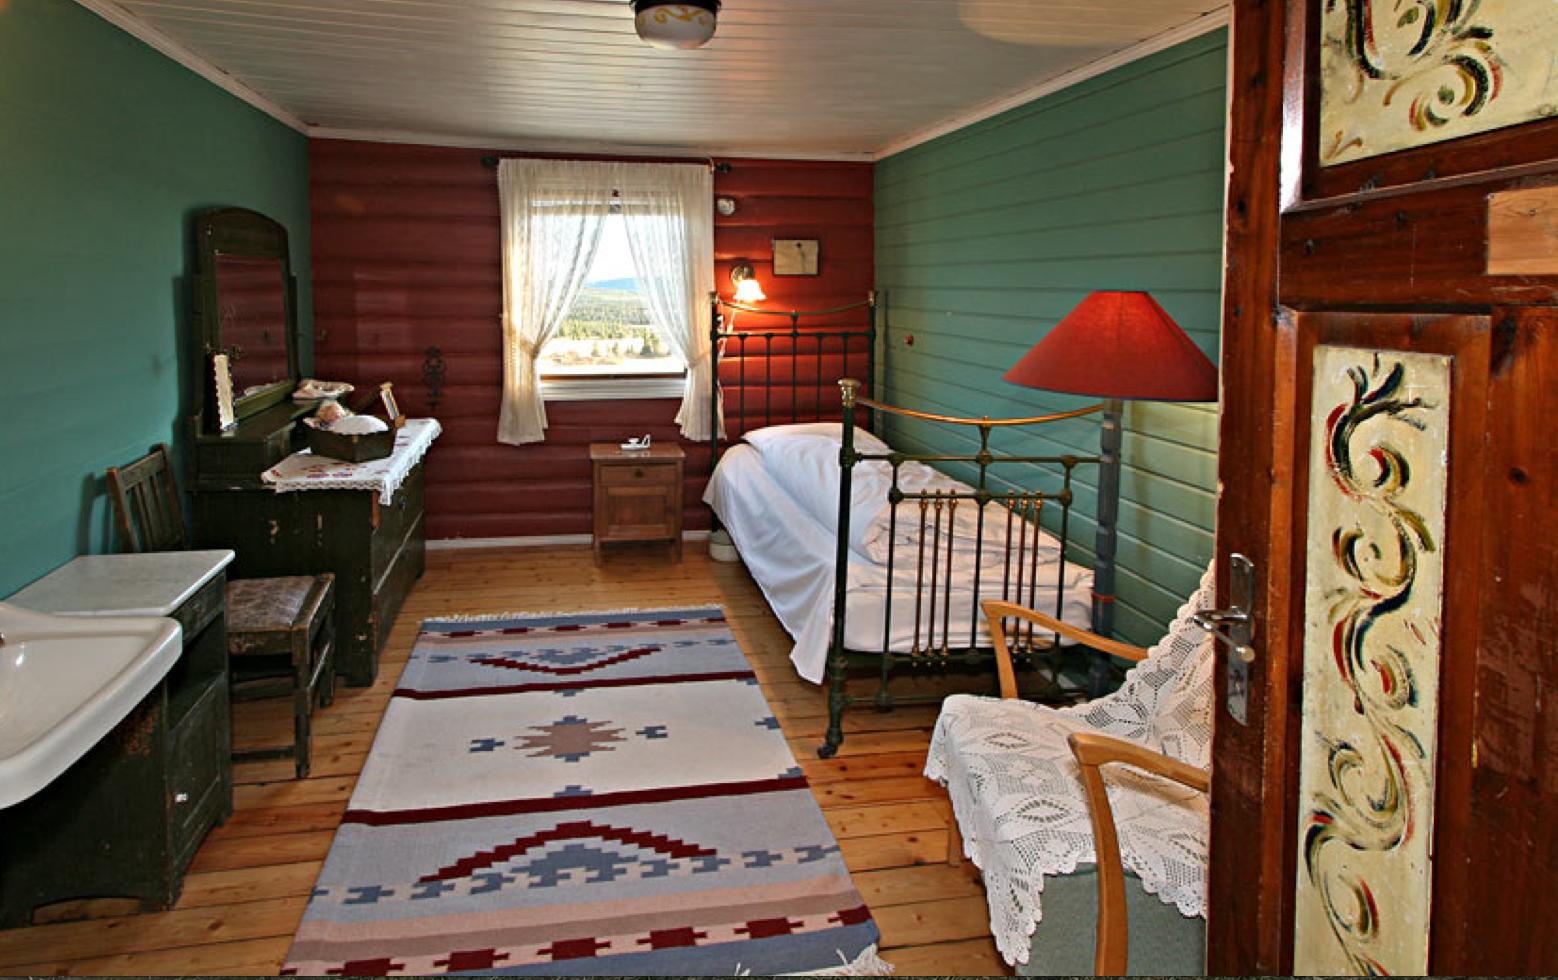 ENKELTROM: Reiser du alene kan du nyte denne herligheten i gammel stil. Foto: Kamben høyfjellhotell.